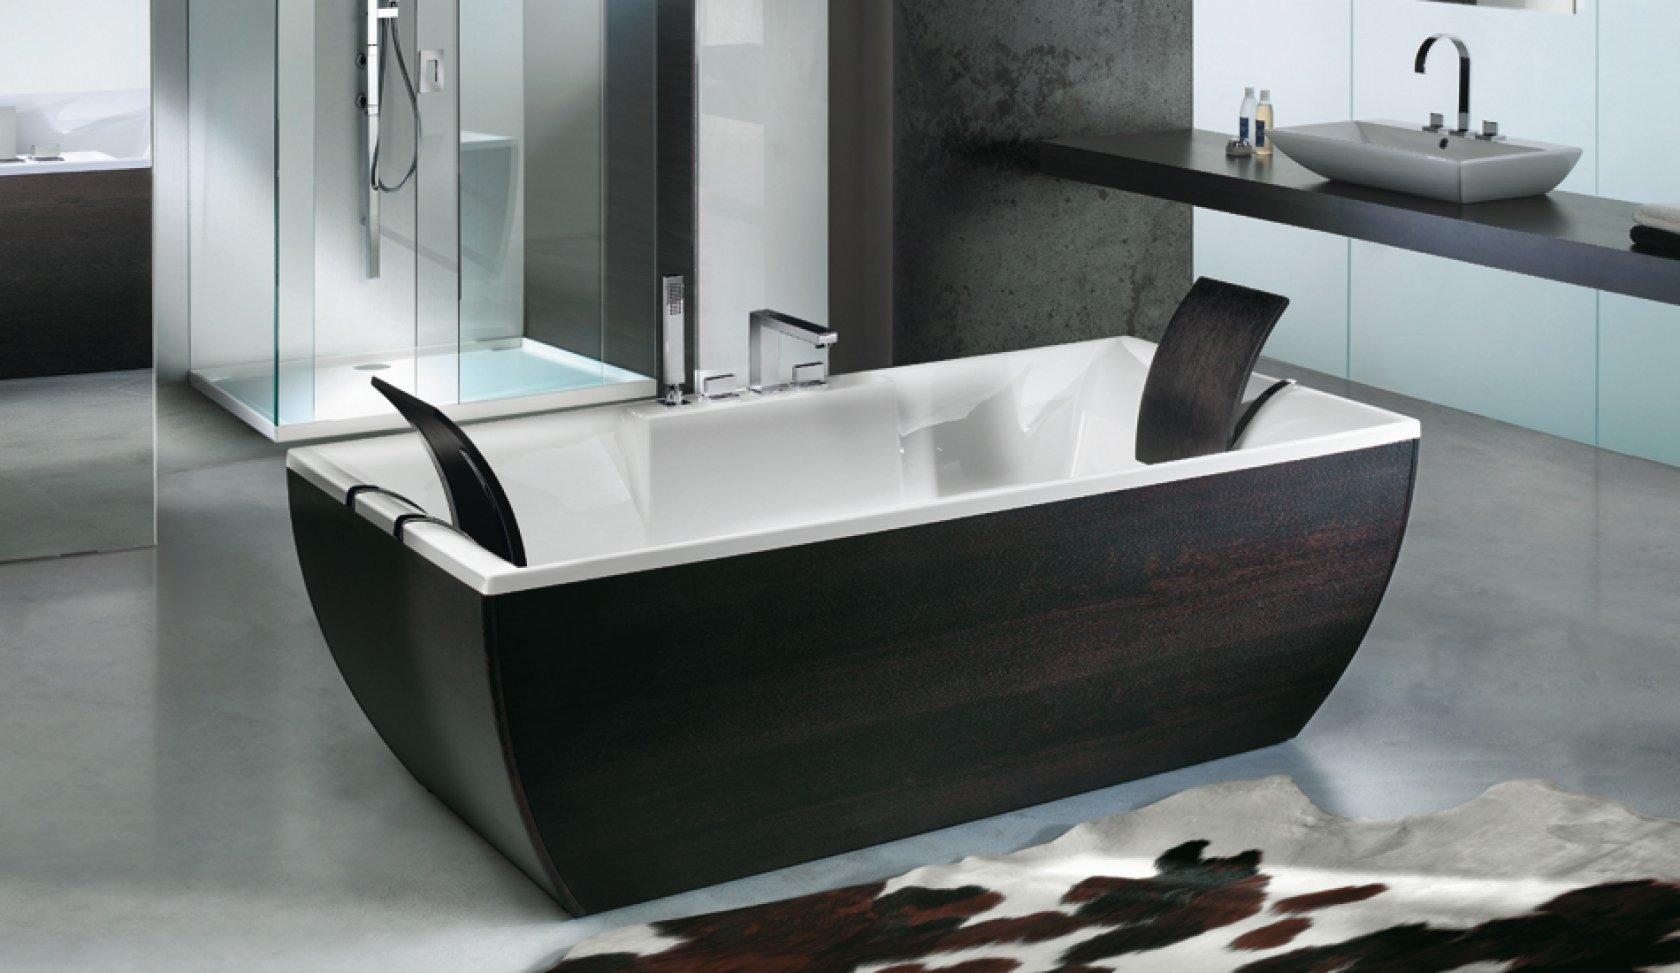 Vasca Da Bagno Con Pannelli : Blubleu vasche da bagno vasche da bagno edilceramiche di maccanò